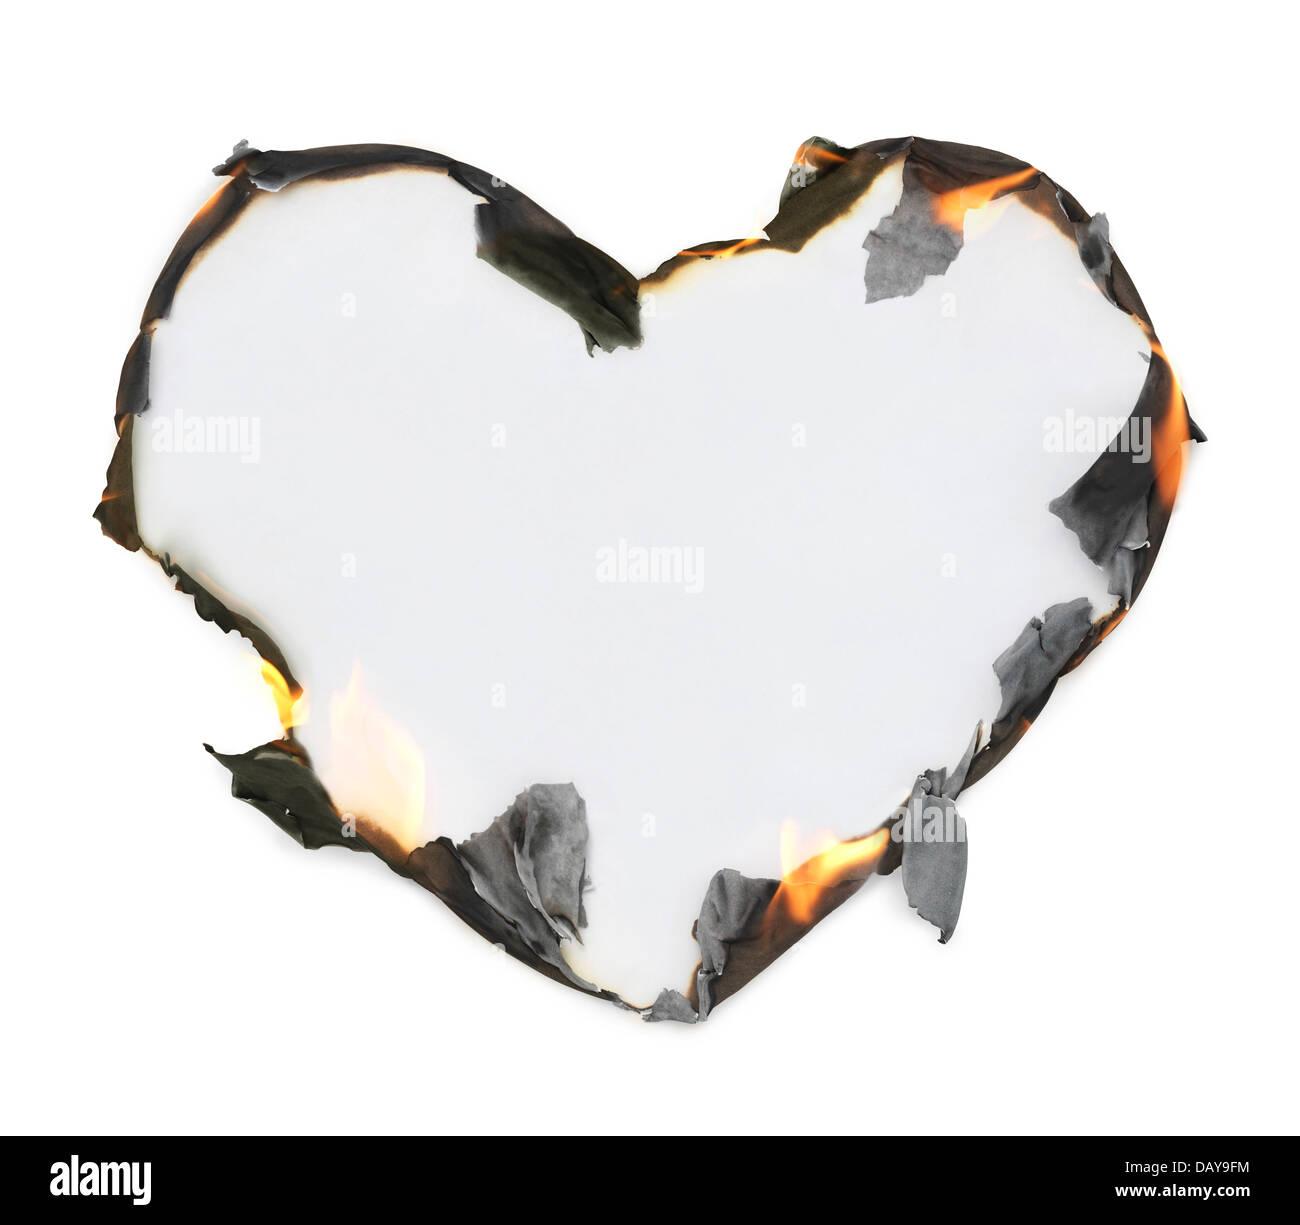 Vuoto a forma di cuore di carta con bordi di masterizzazione, artistico cornice concettuale isolato su sfondo bianco Immagini Stock